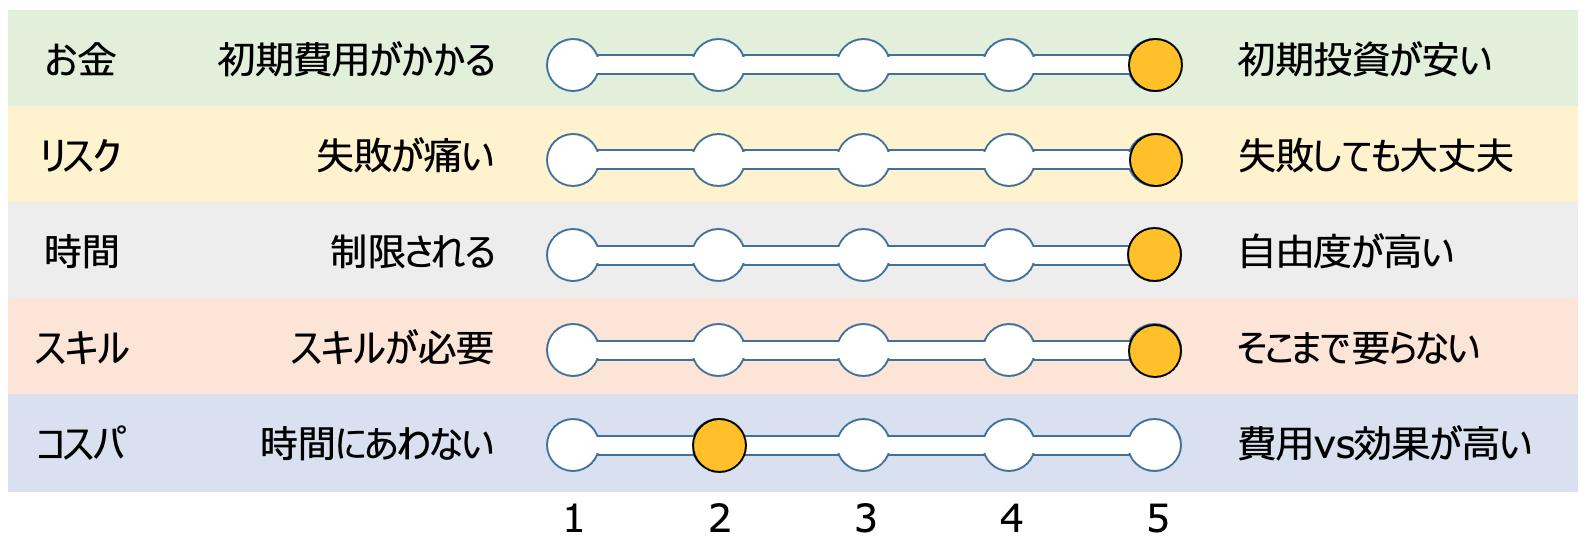 ポイントサイトの評価グラフ